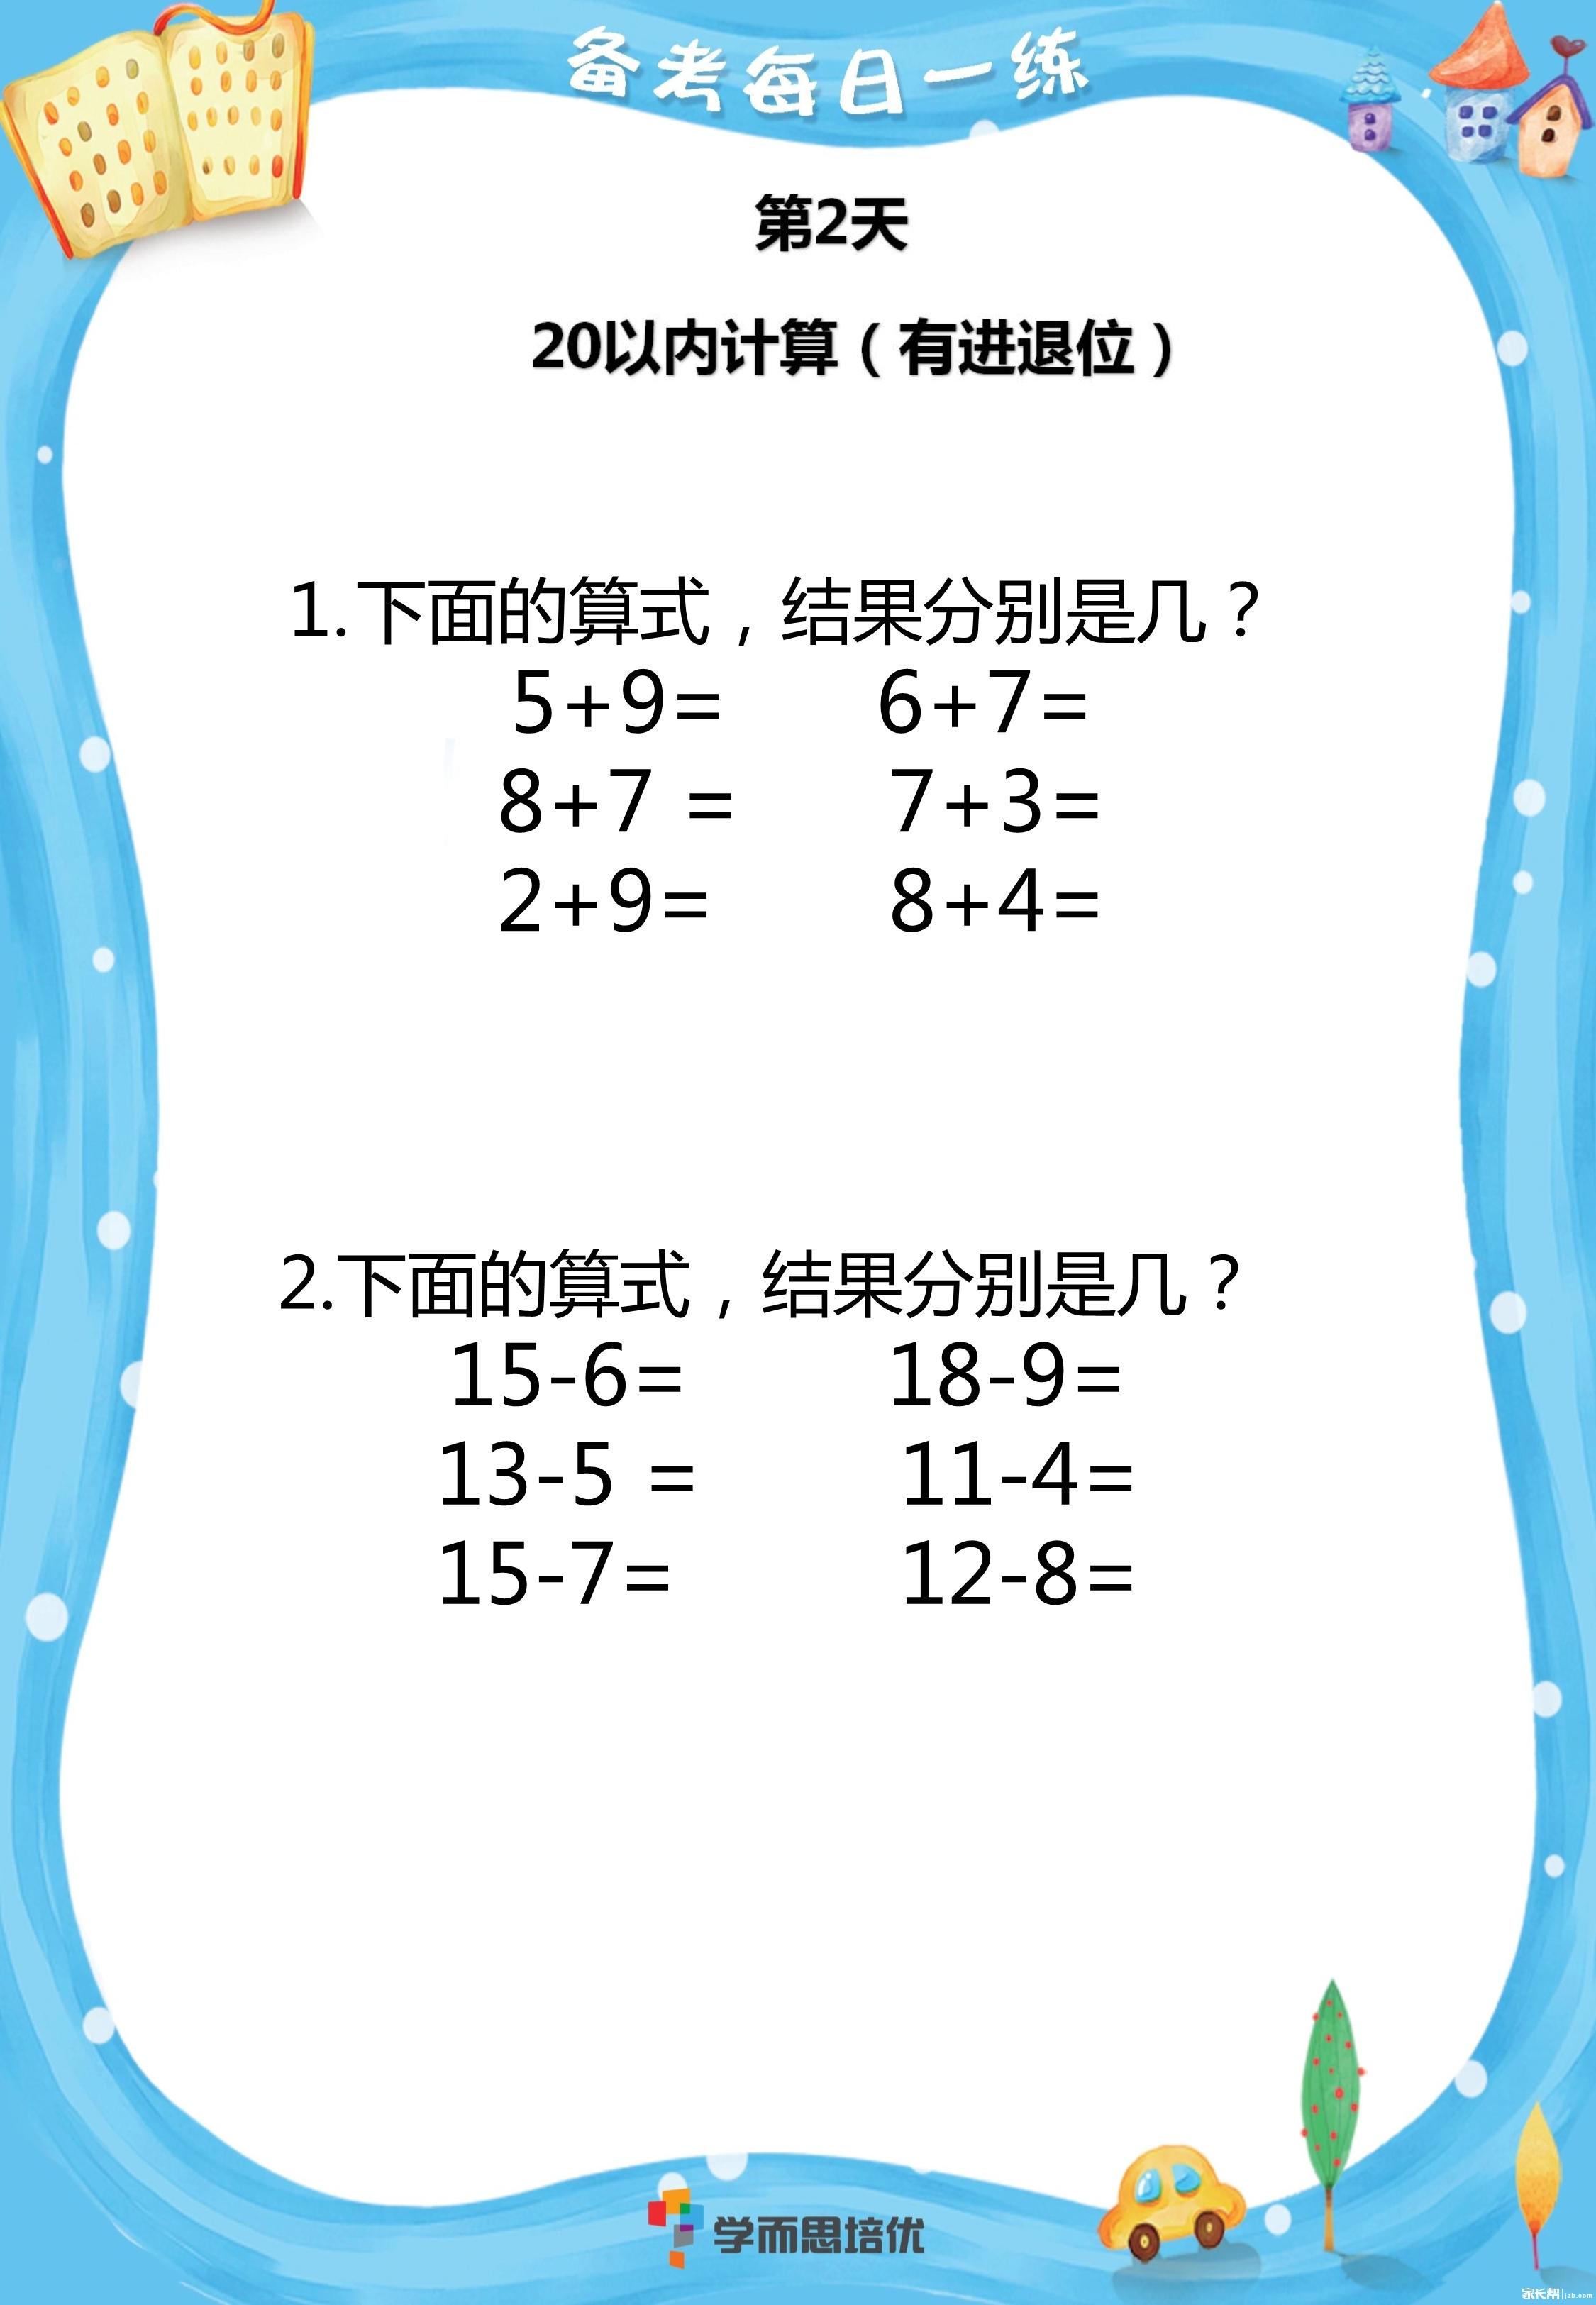 4.12_1.jpg